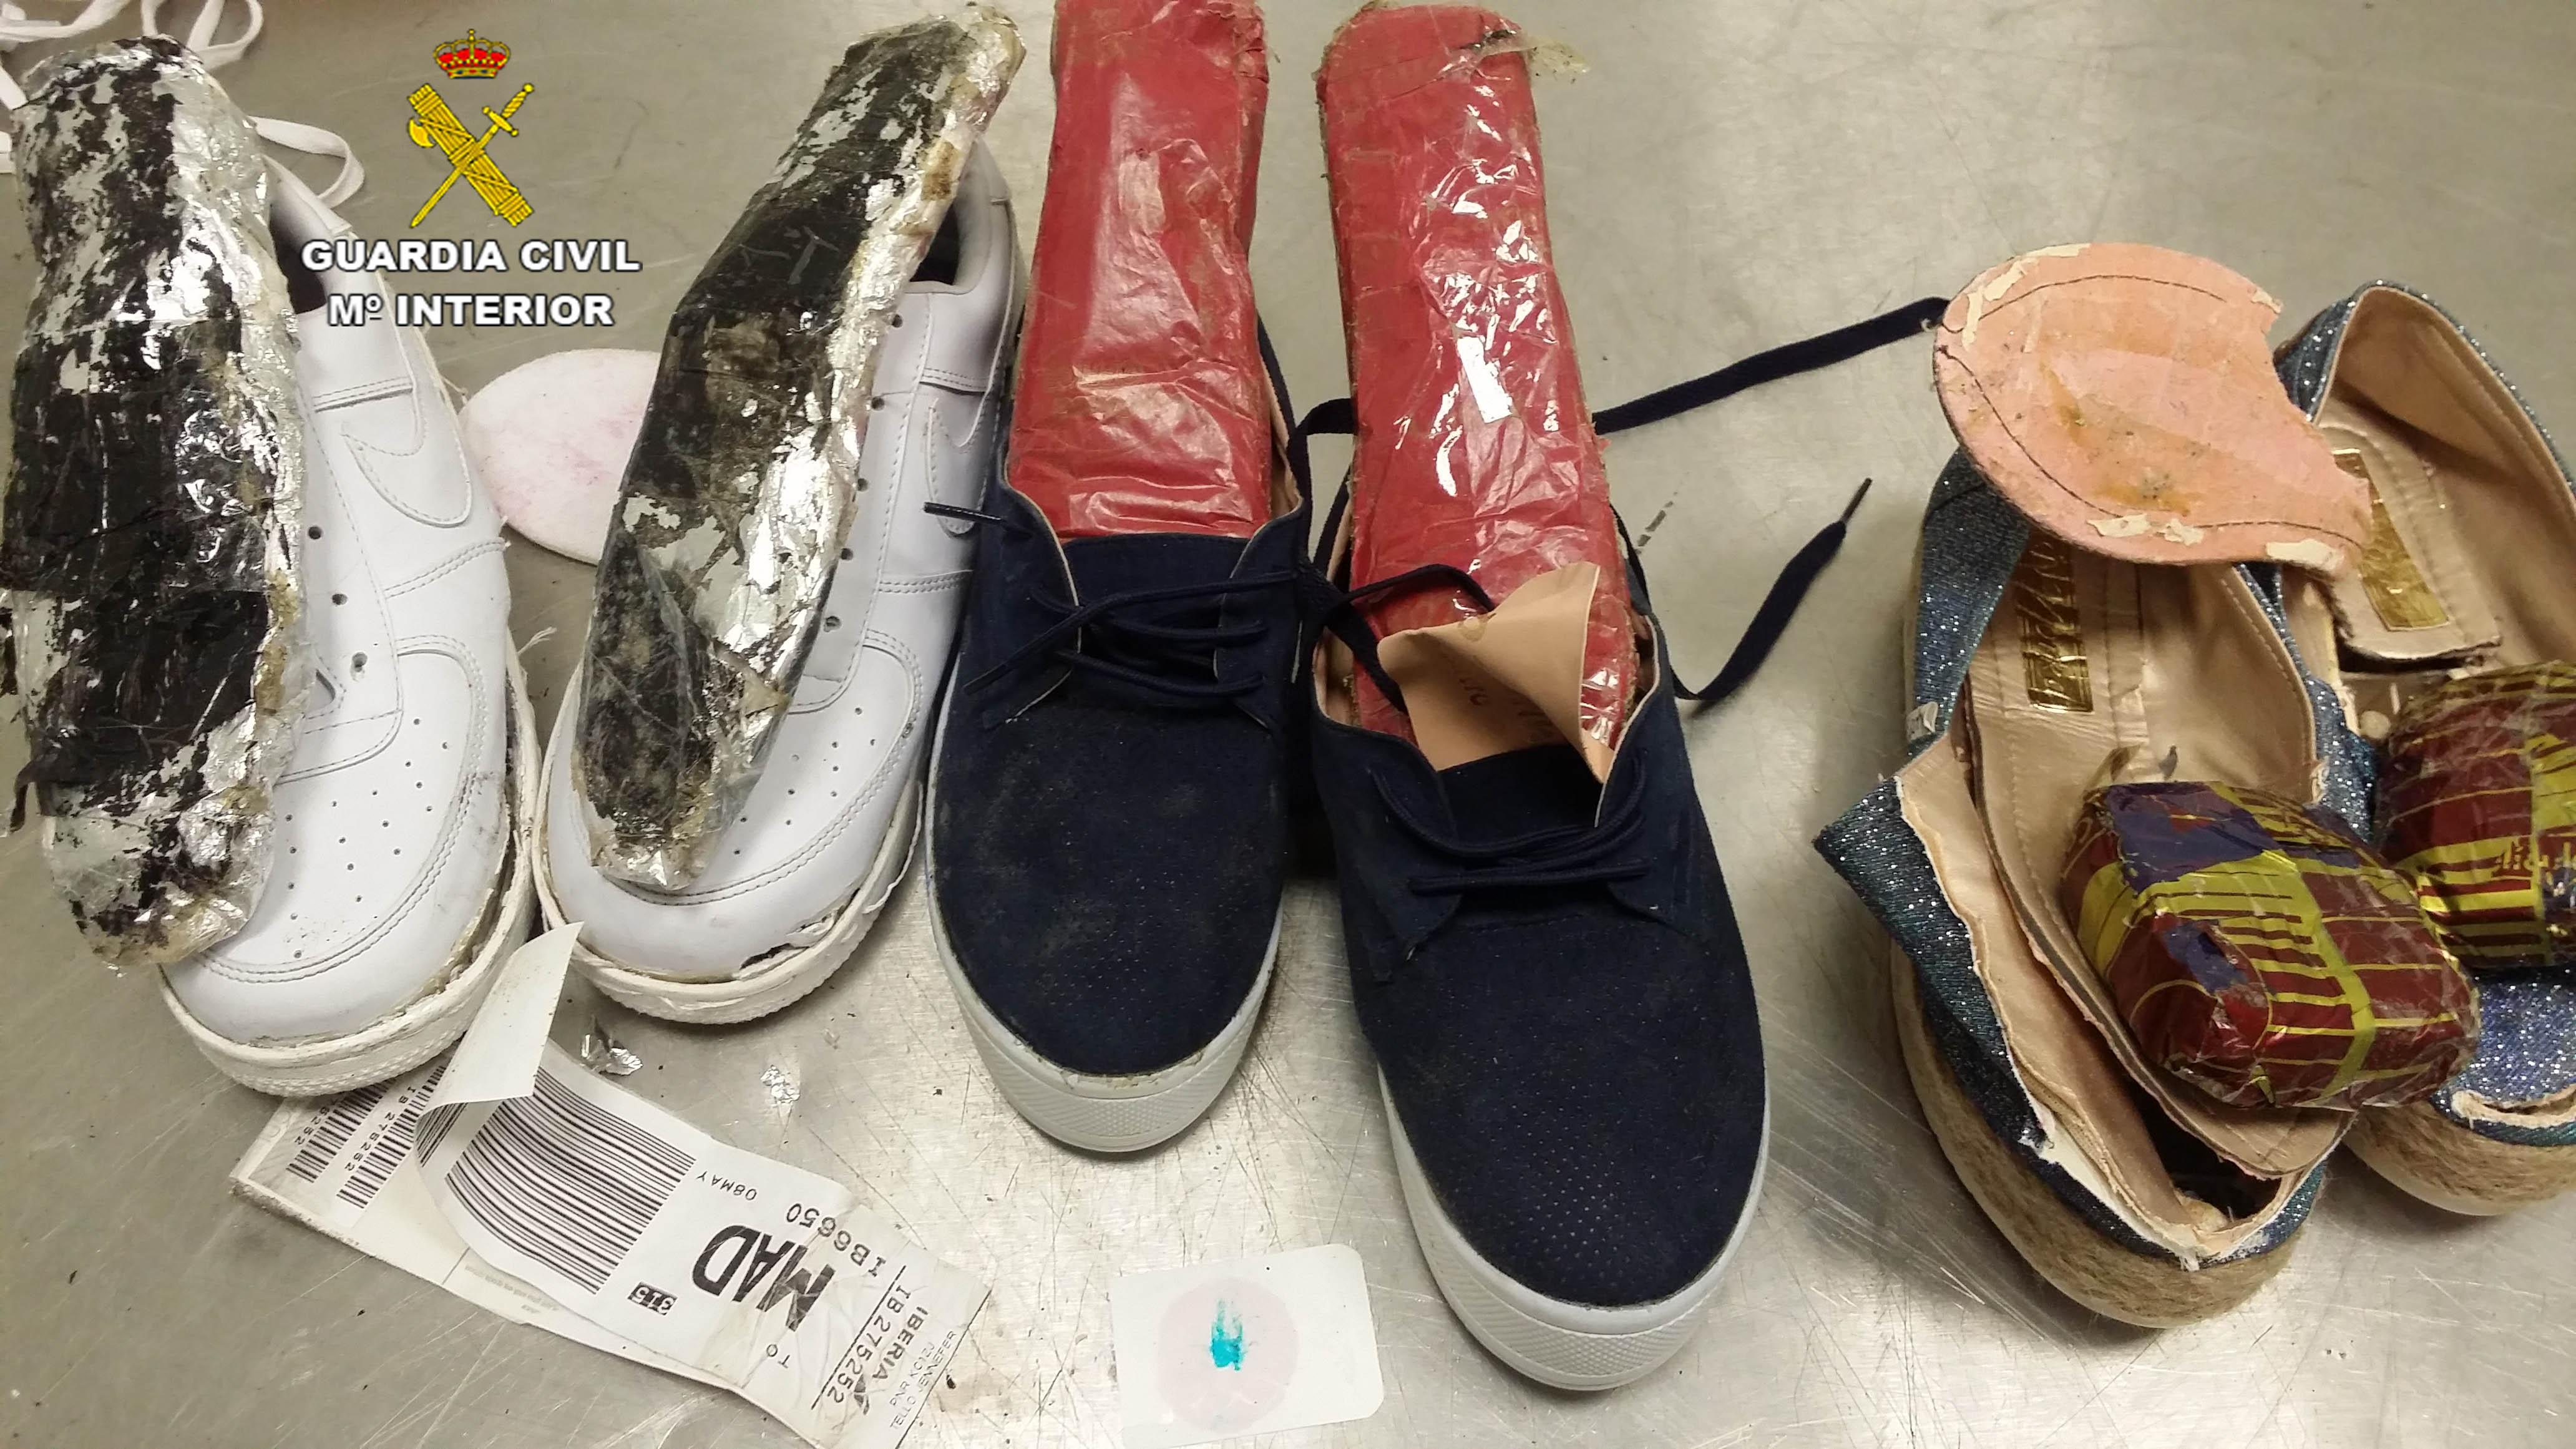 Dos peruanas, detenidas en Barajas intentando pasar cocaína en los zapatos